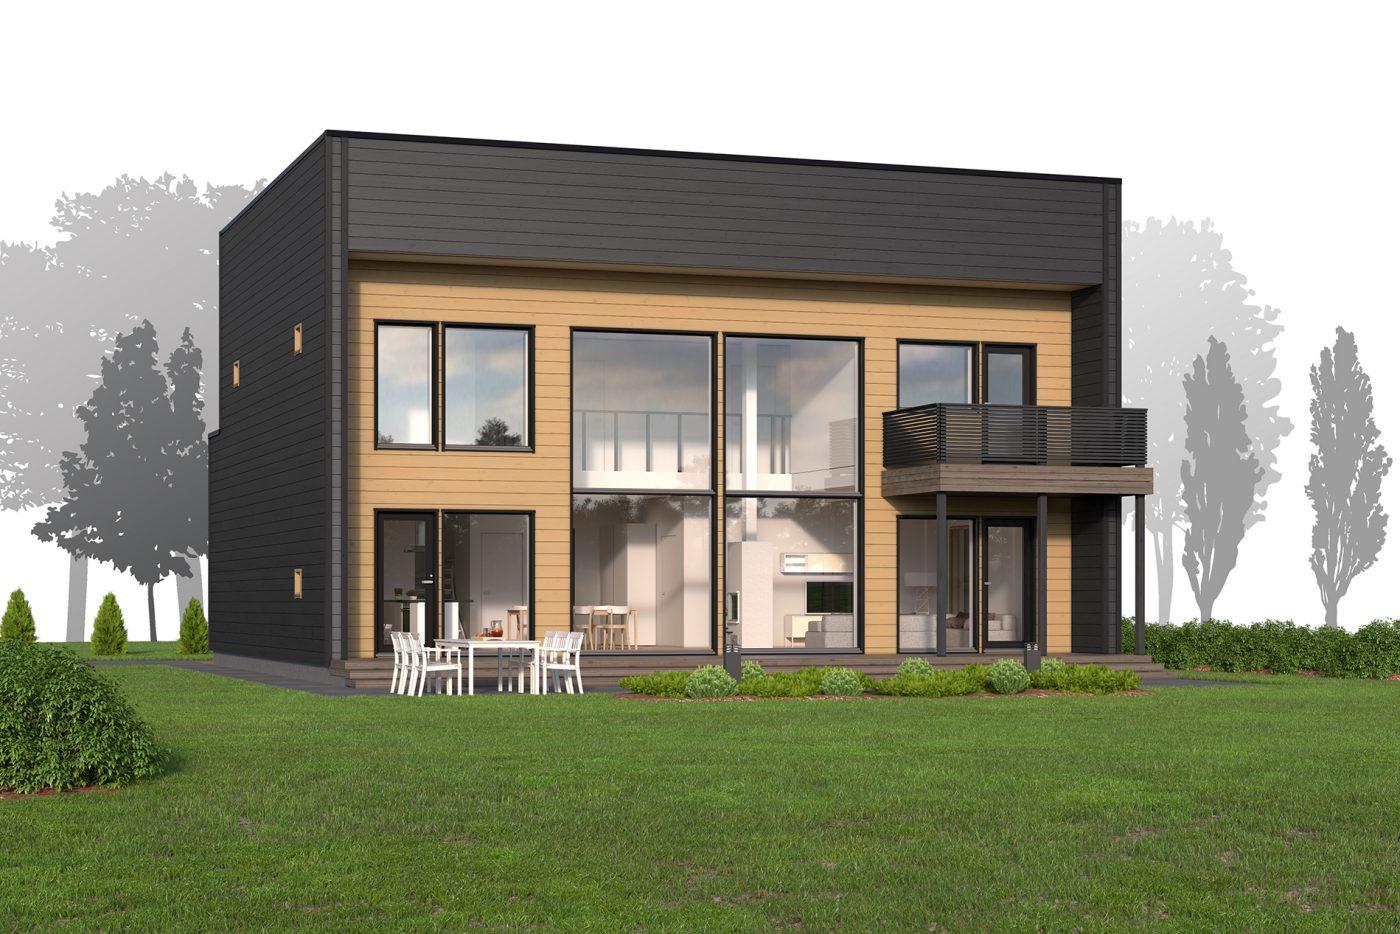 maison sips cubique 200 m² 01